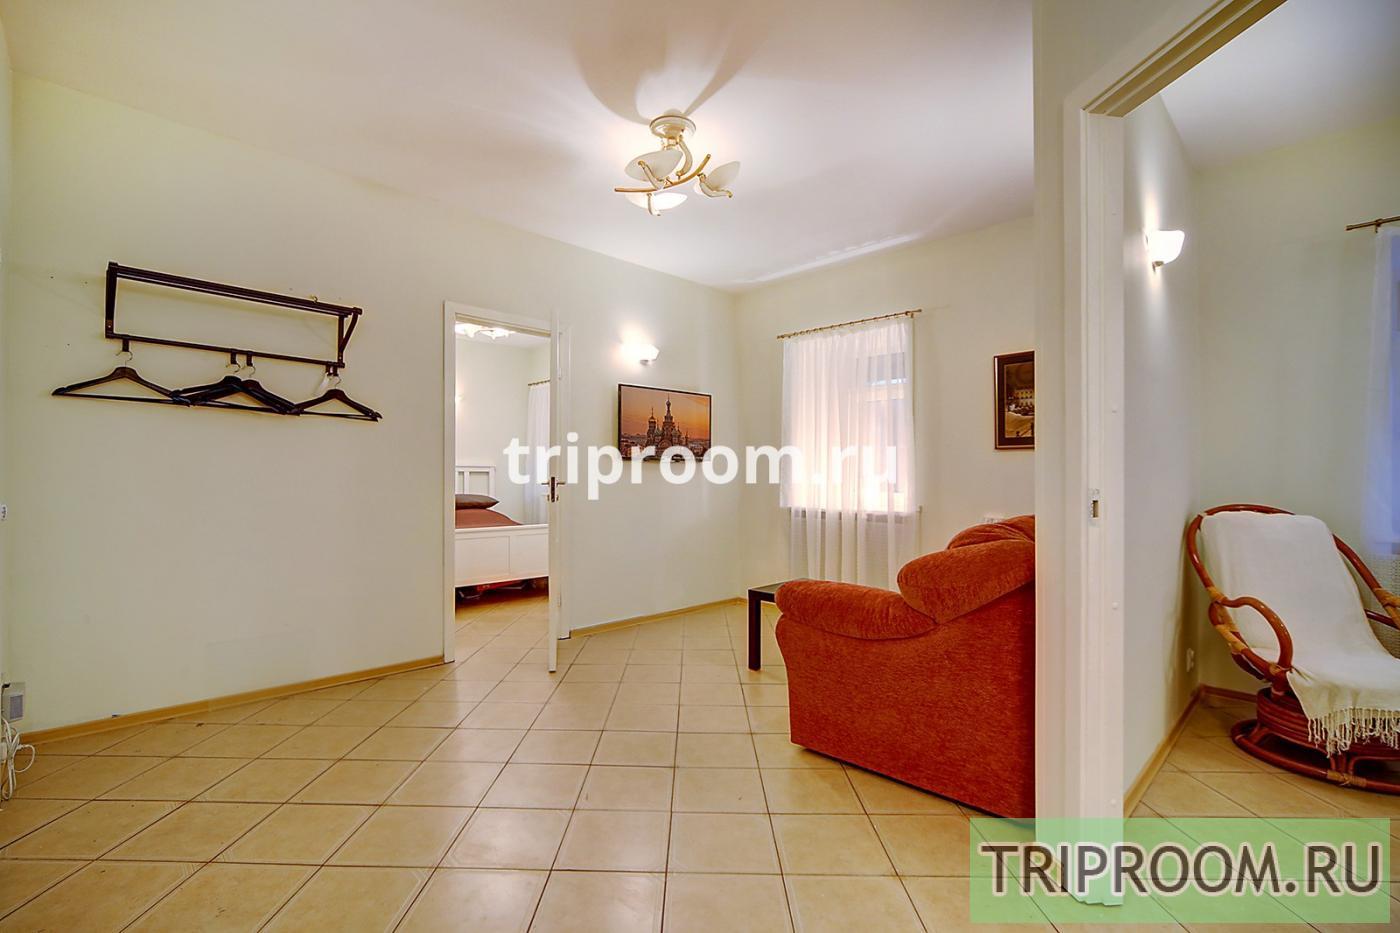 3-комнатная квартира посуточно (вариант № 14749), ул. Большая Конюшенная улица, фото № 5